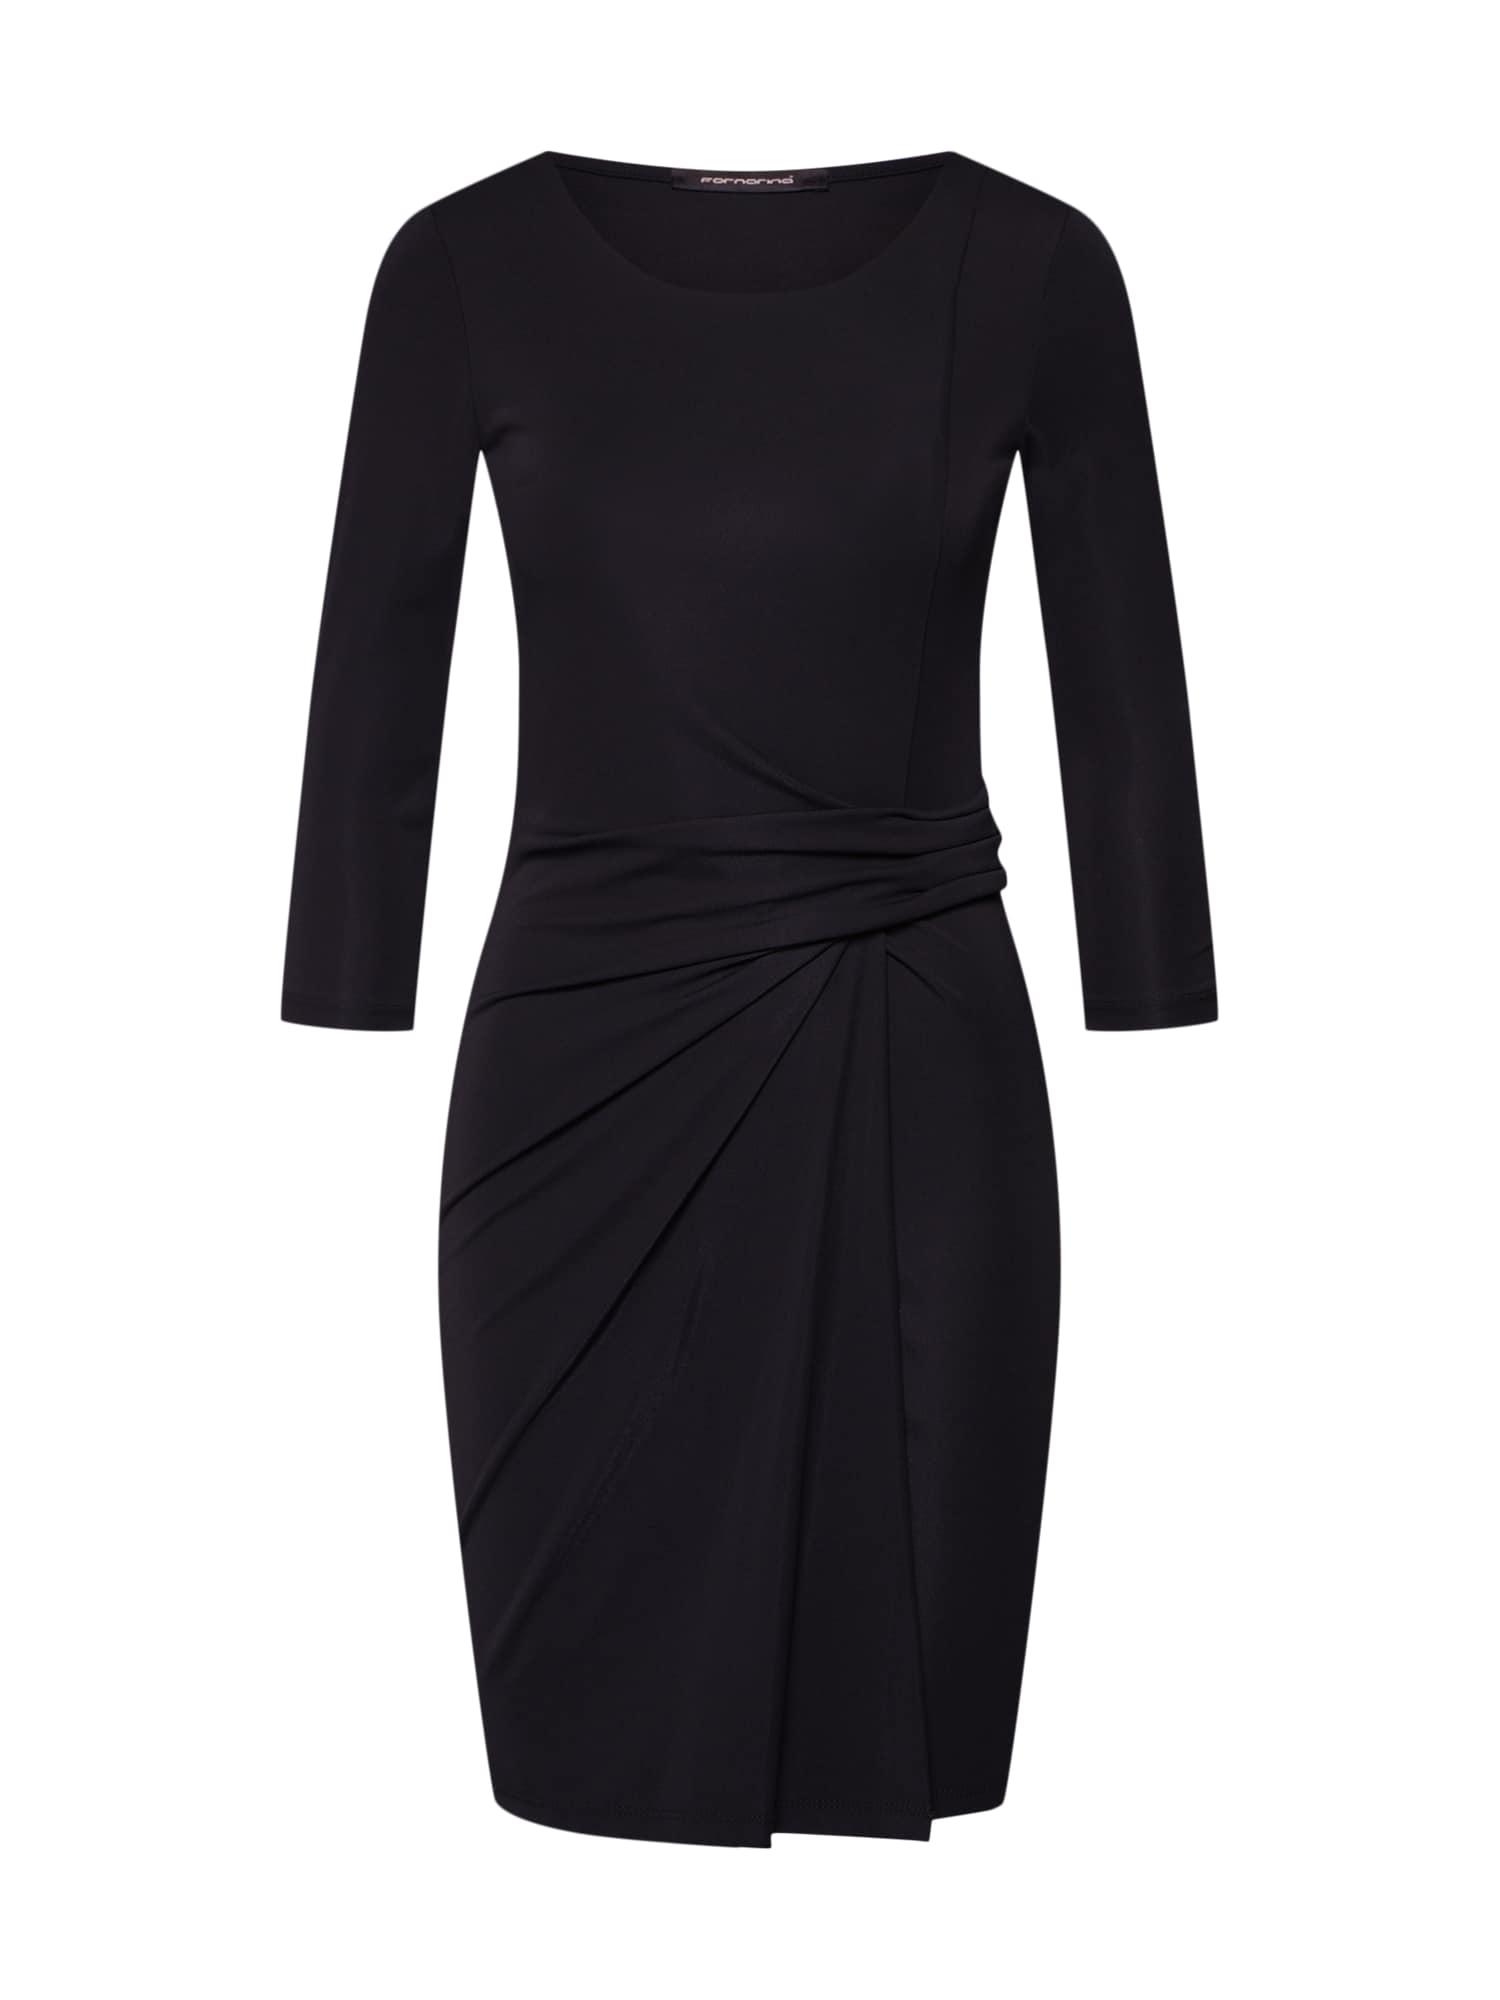 Šaty BARITE černá Fornarina